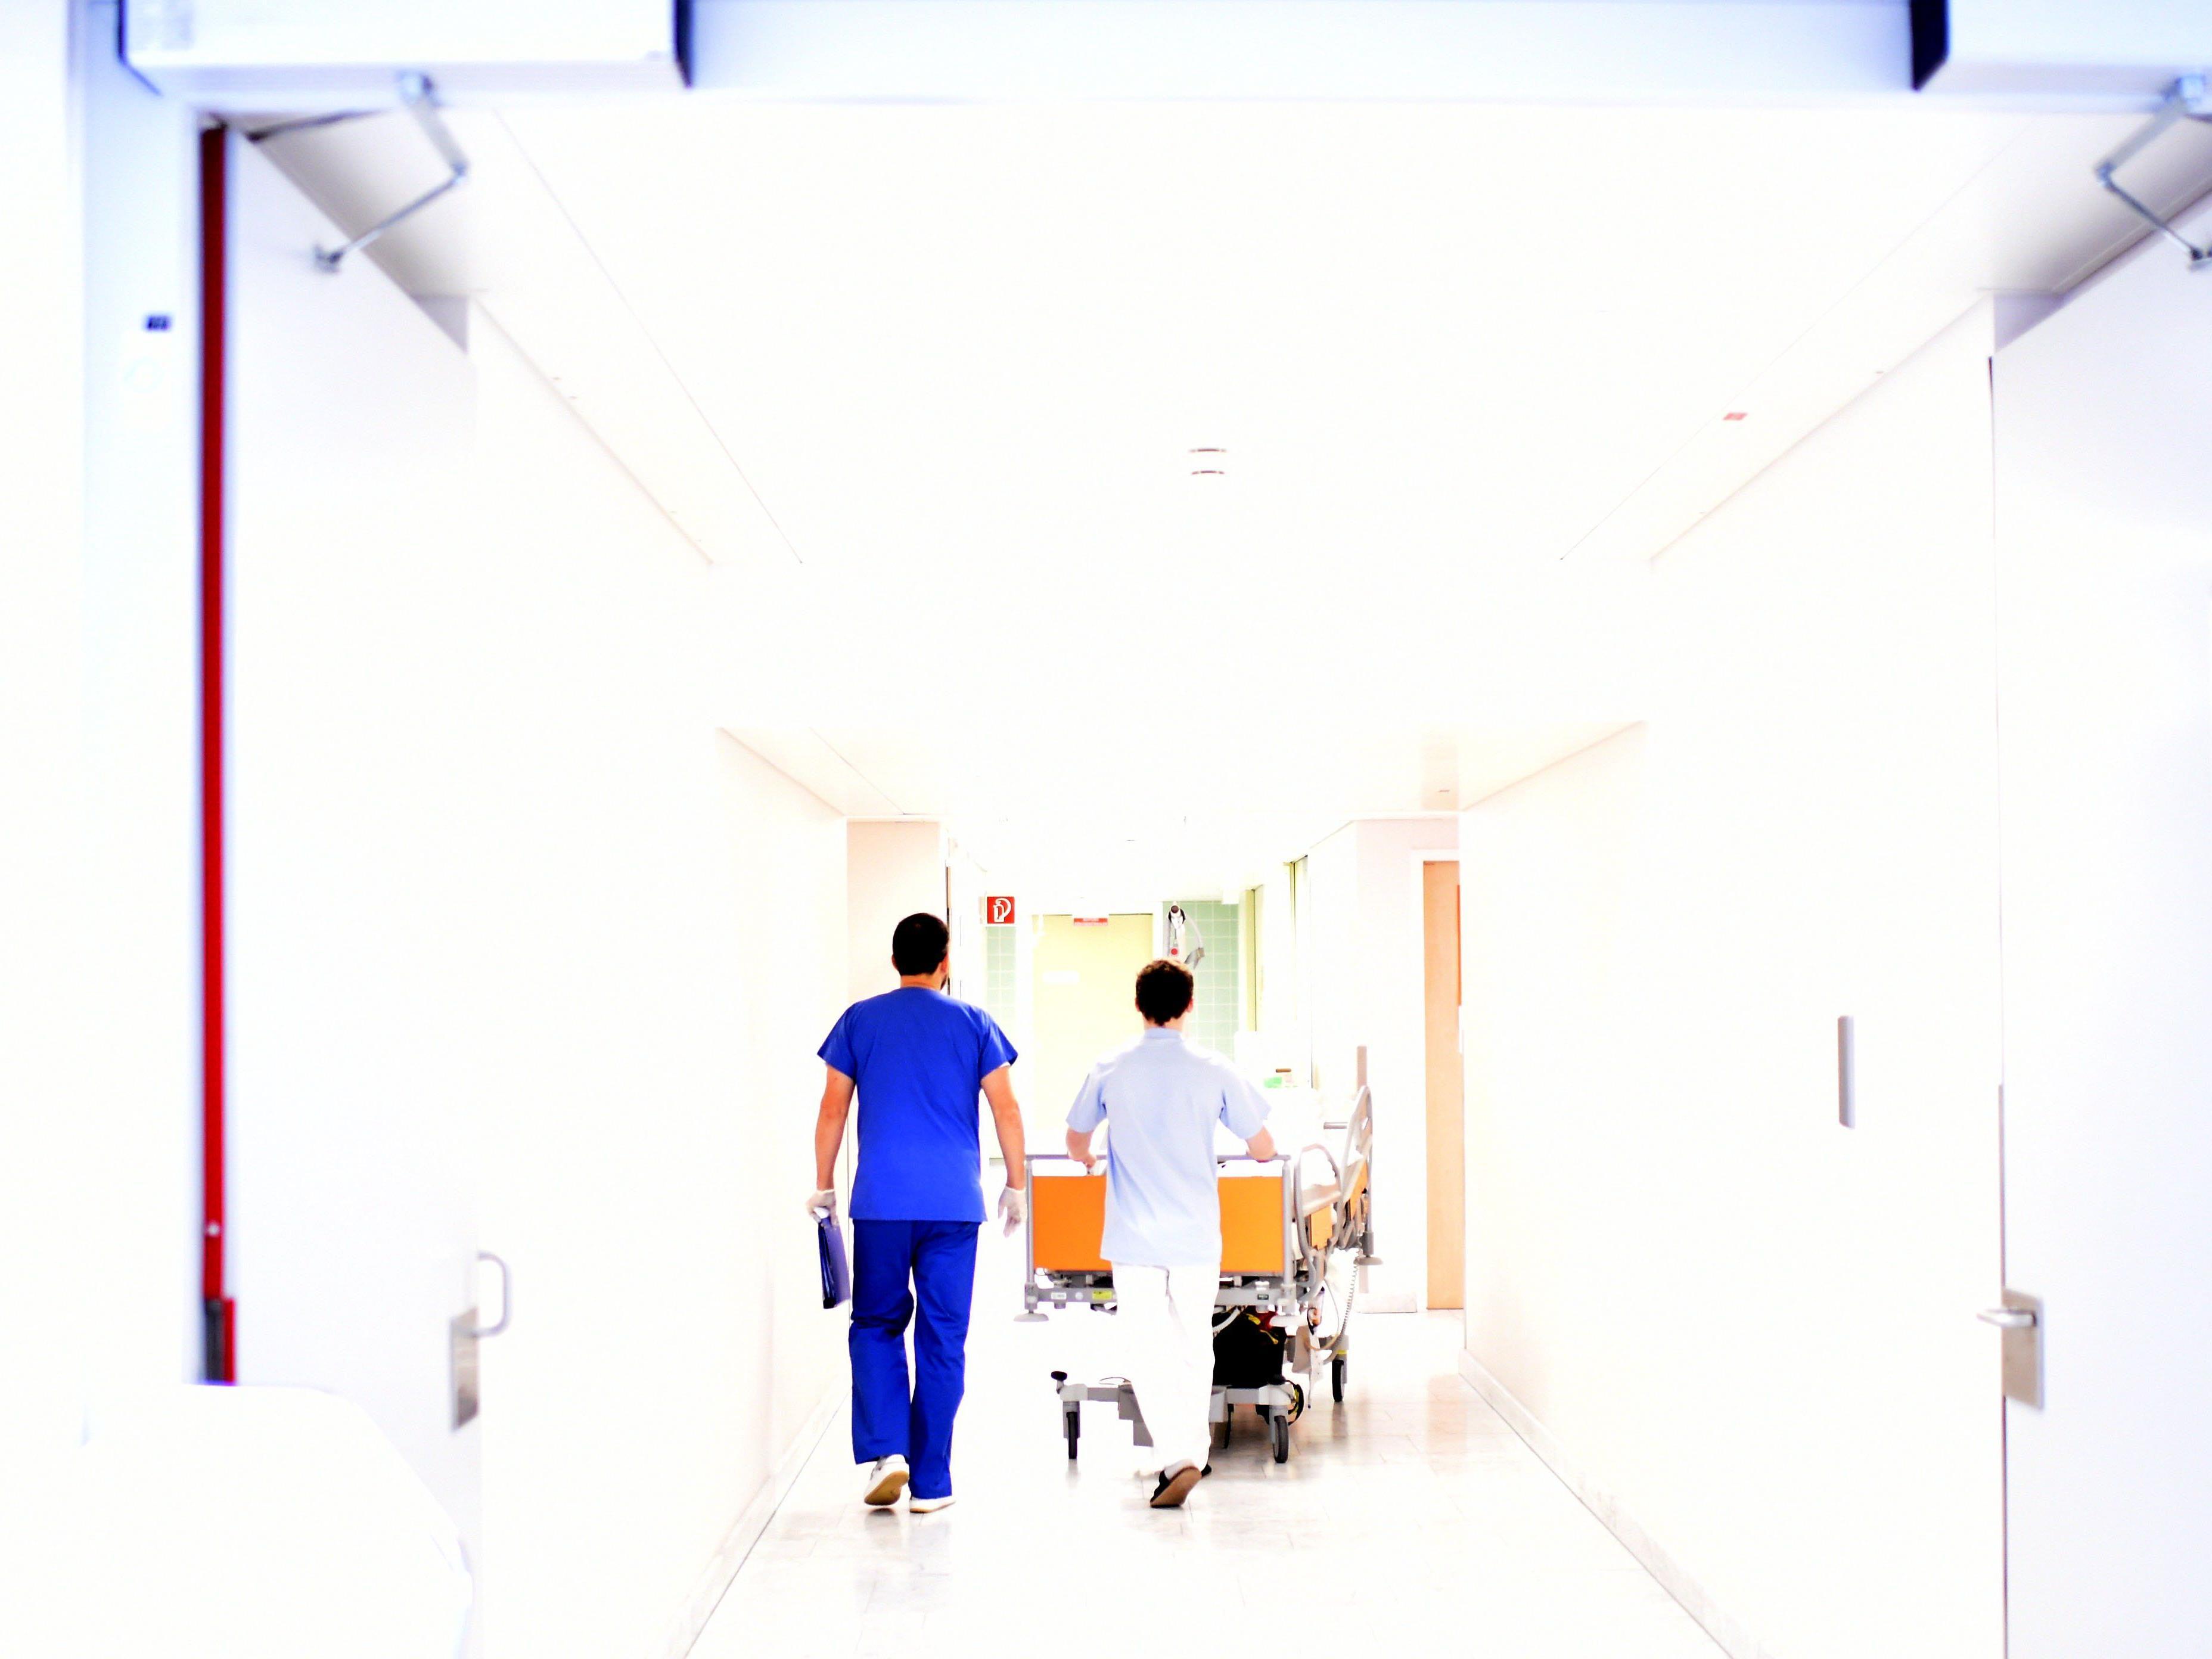 Ab Jänner mehr Lohn für Landes- und Gemeindebedienstete - auch Bedienstete in Krankenhäusern profitieren.